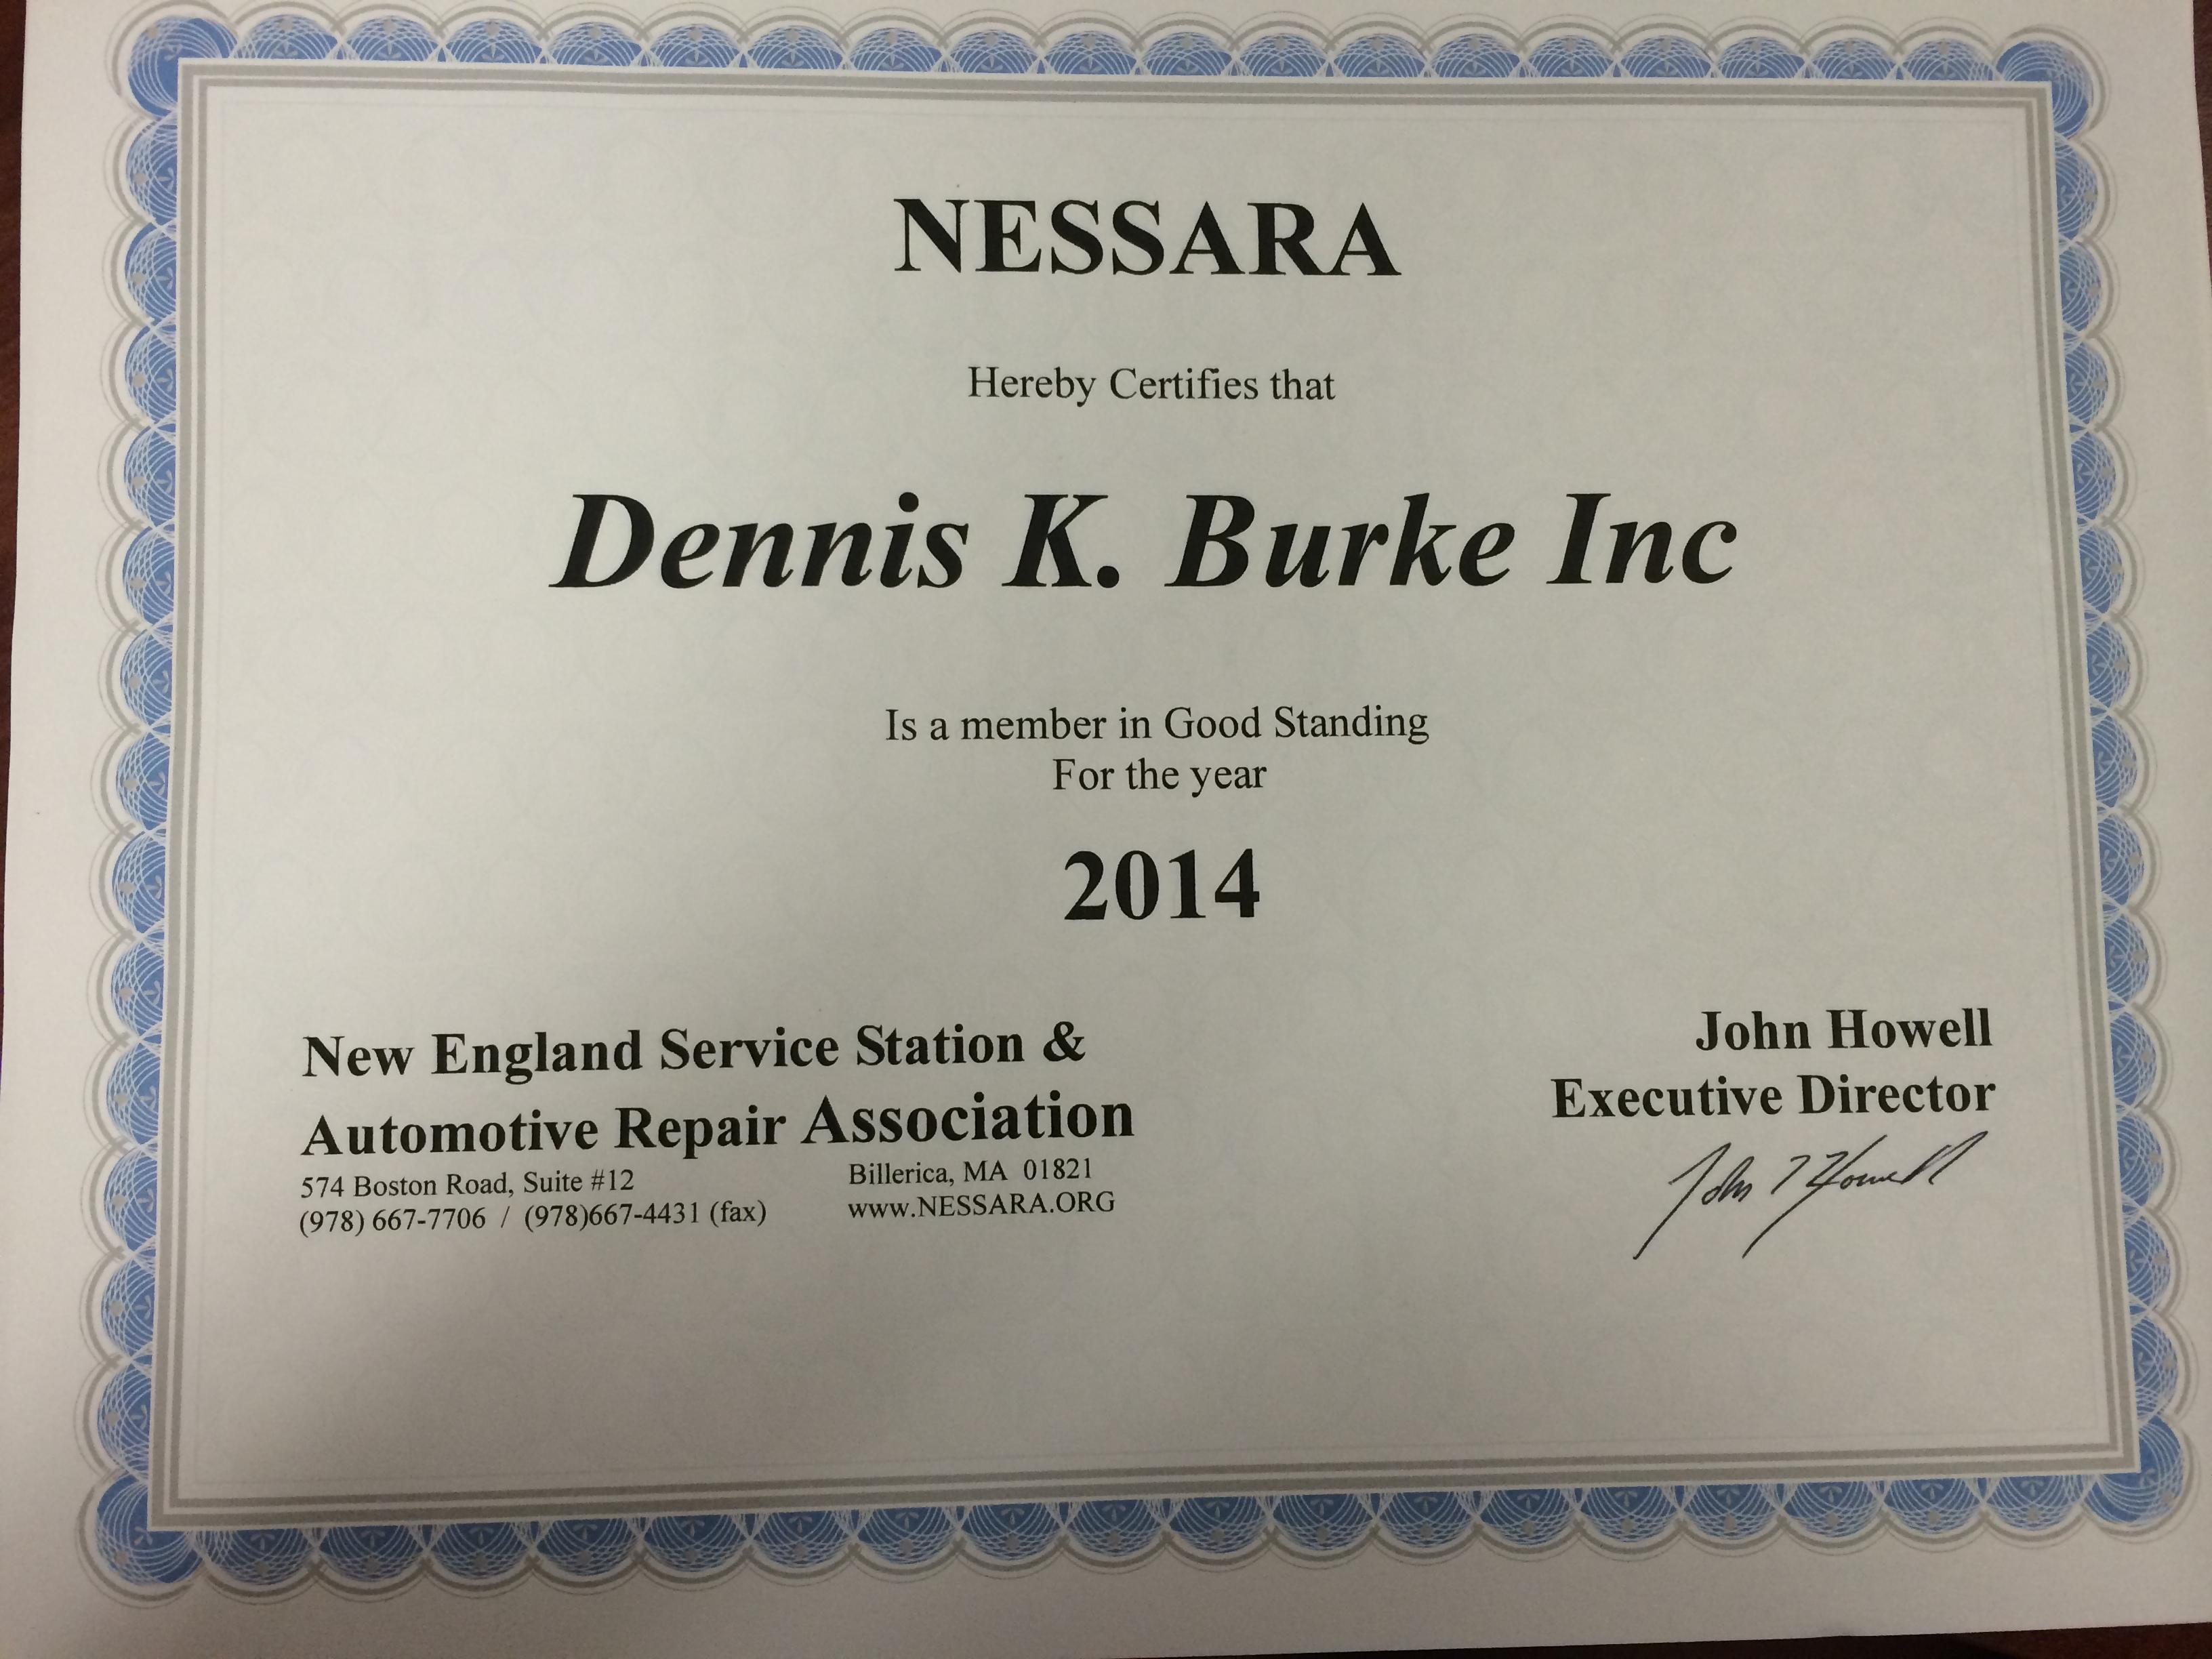 Nessara certificate for Dennis K. Burke Inc. Circa 2014